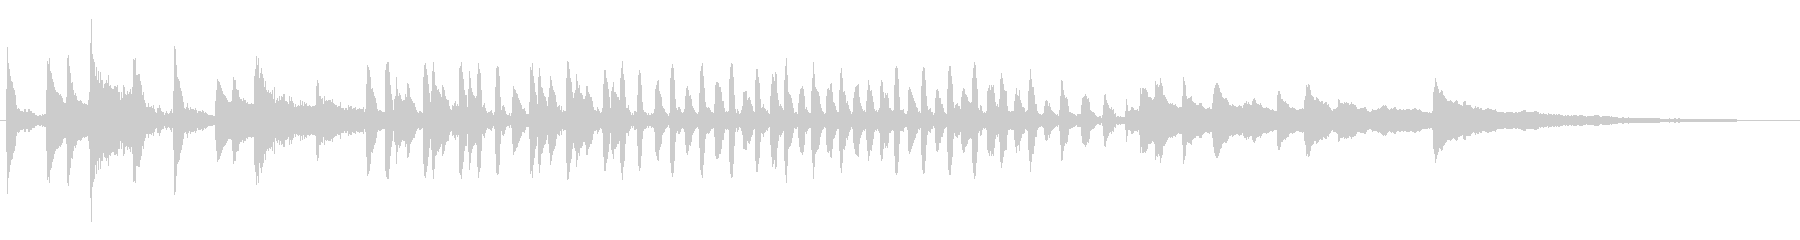 コミカルなギャグ、愉快軽やかなピアノソロの未再生の波形